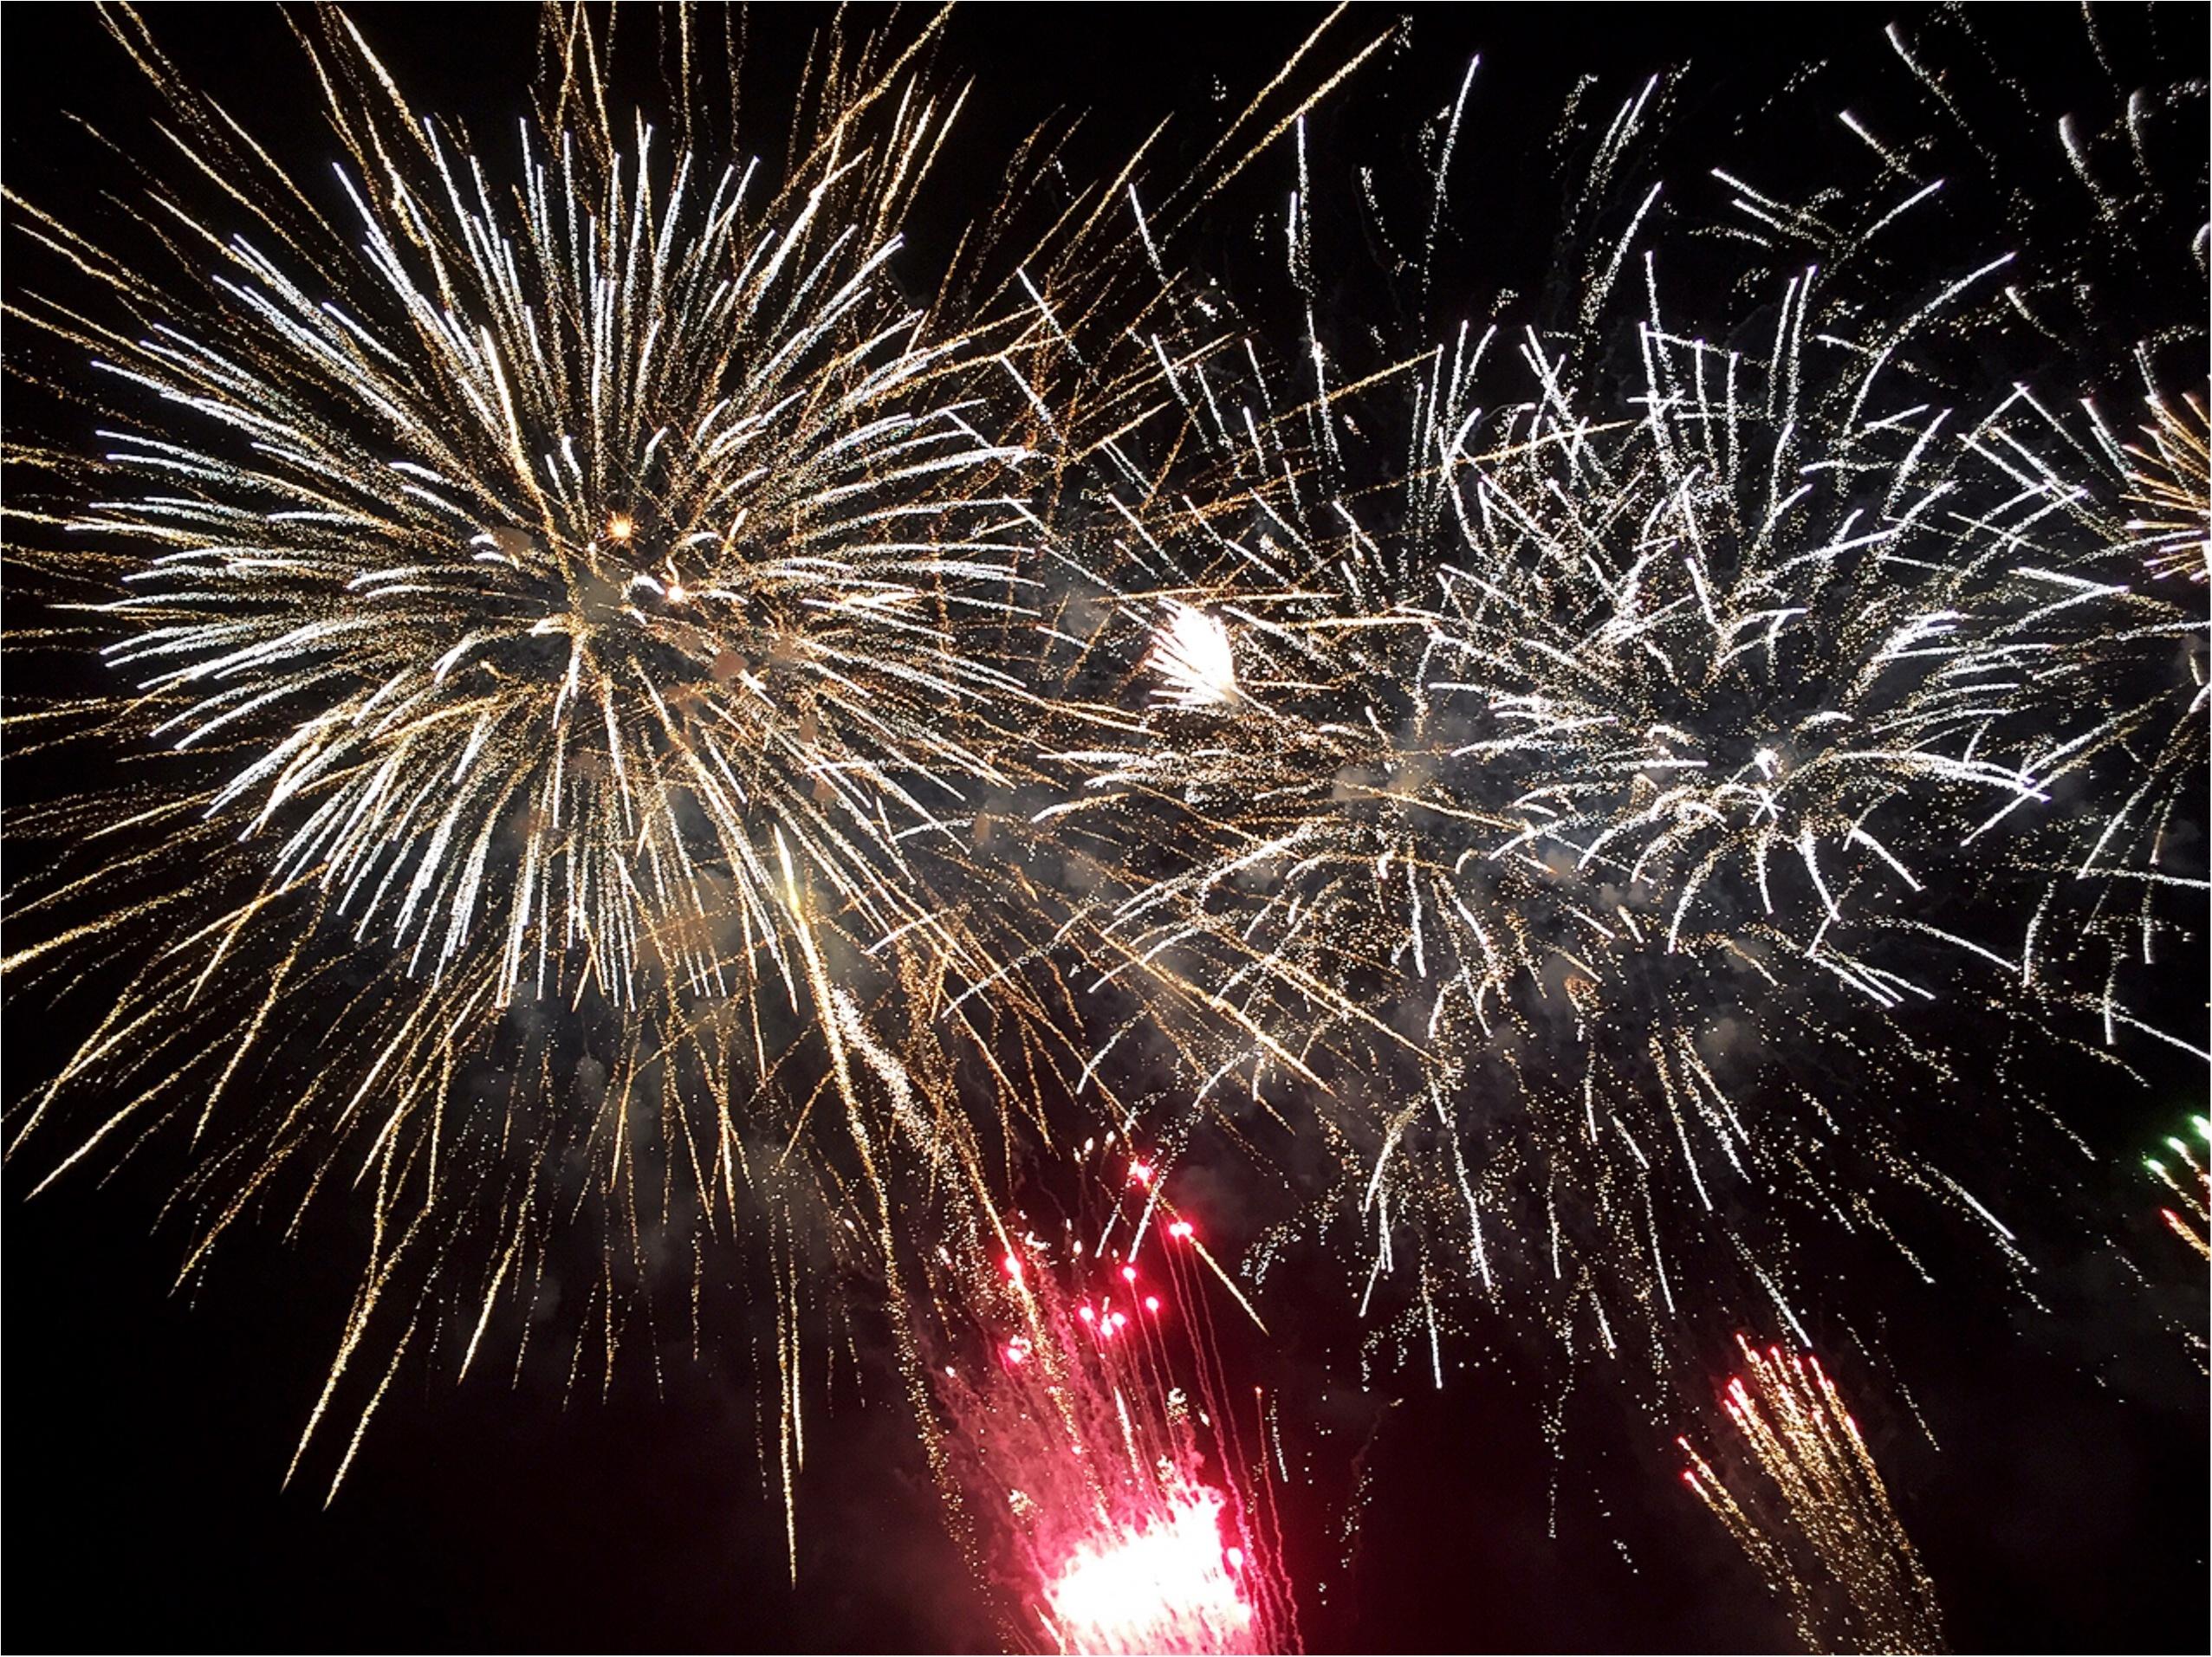 今年初の花火大会へ!頭上を降り注ぐ迫力満点の花火が♡*_5